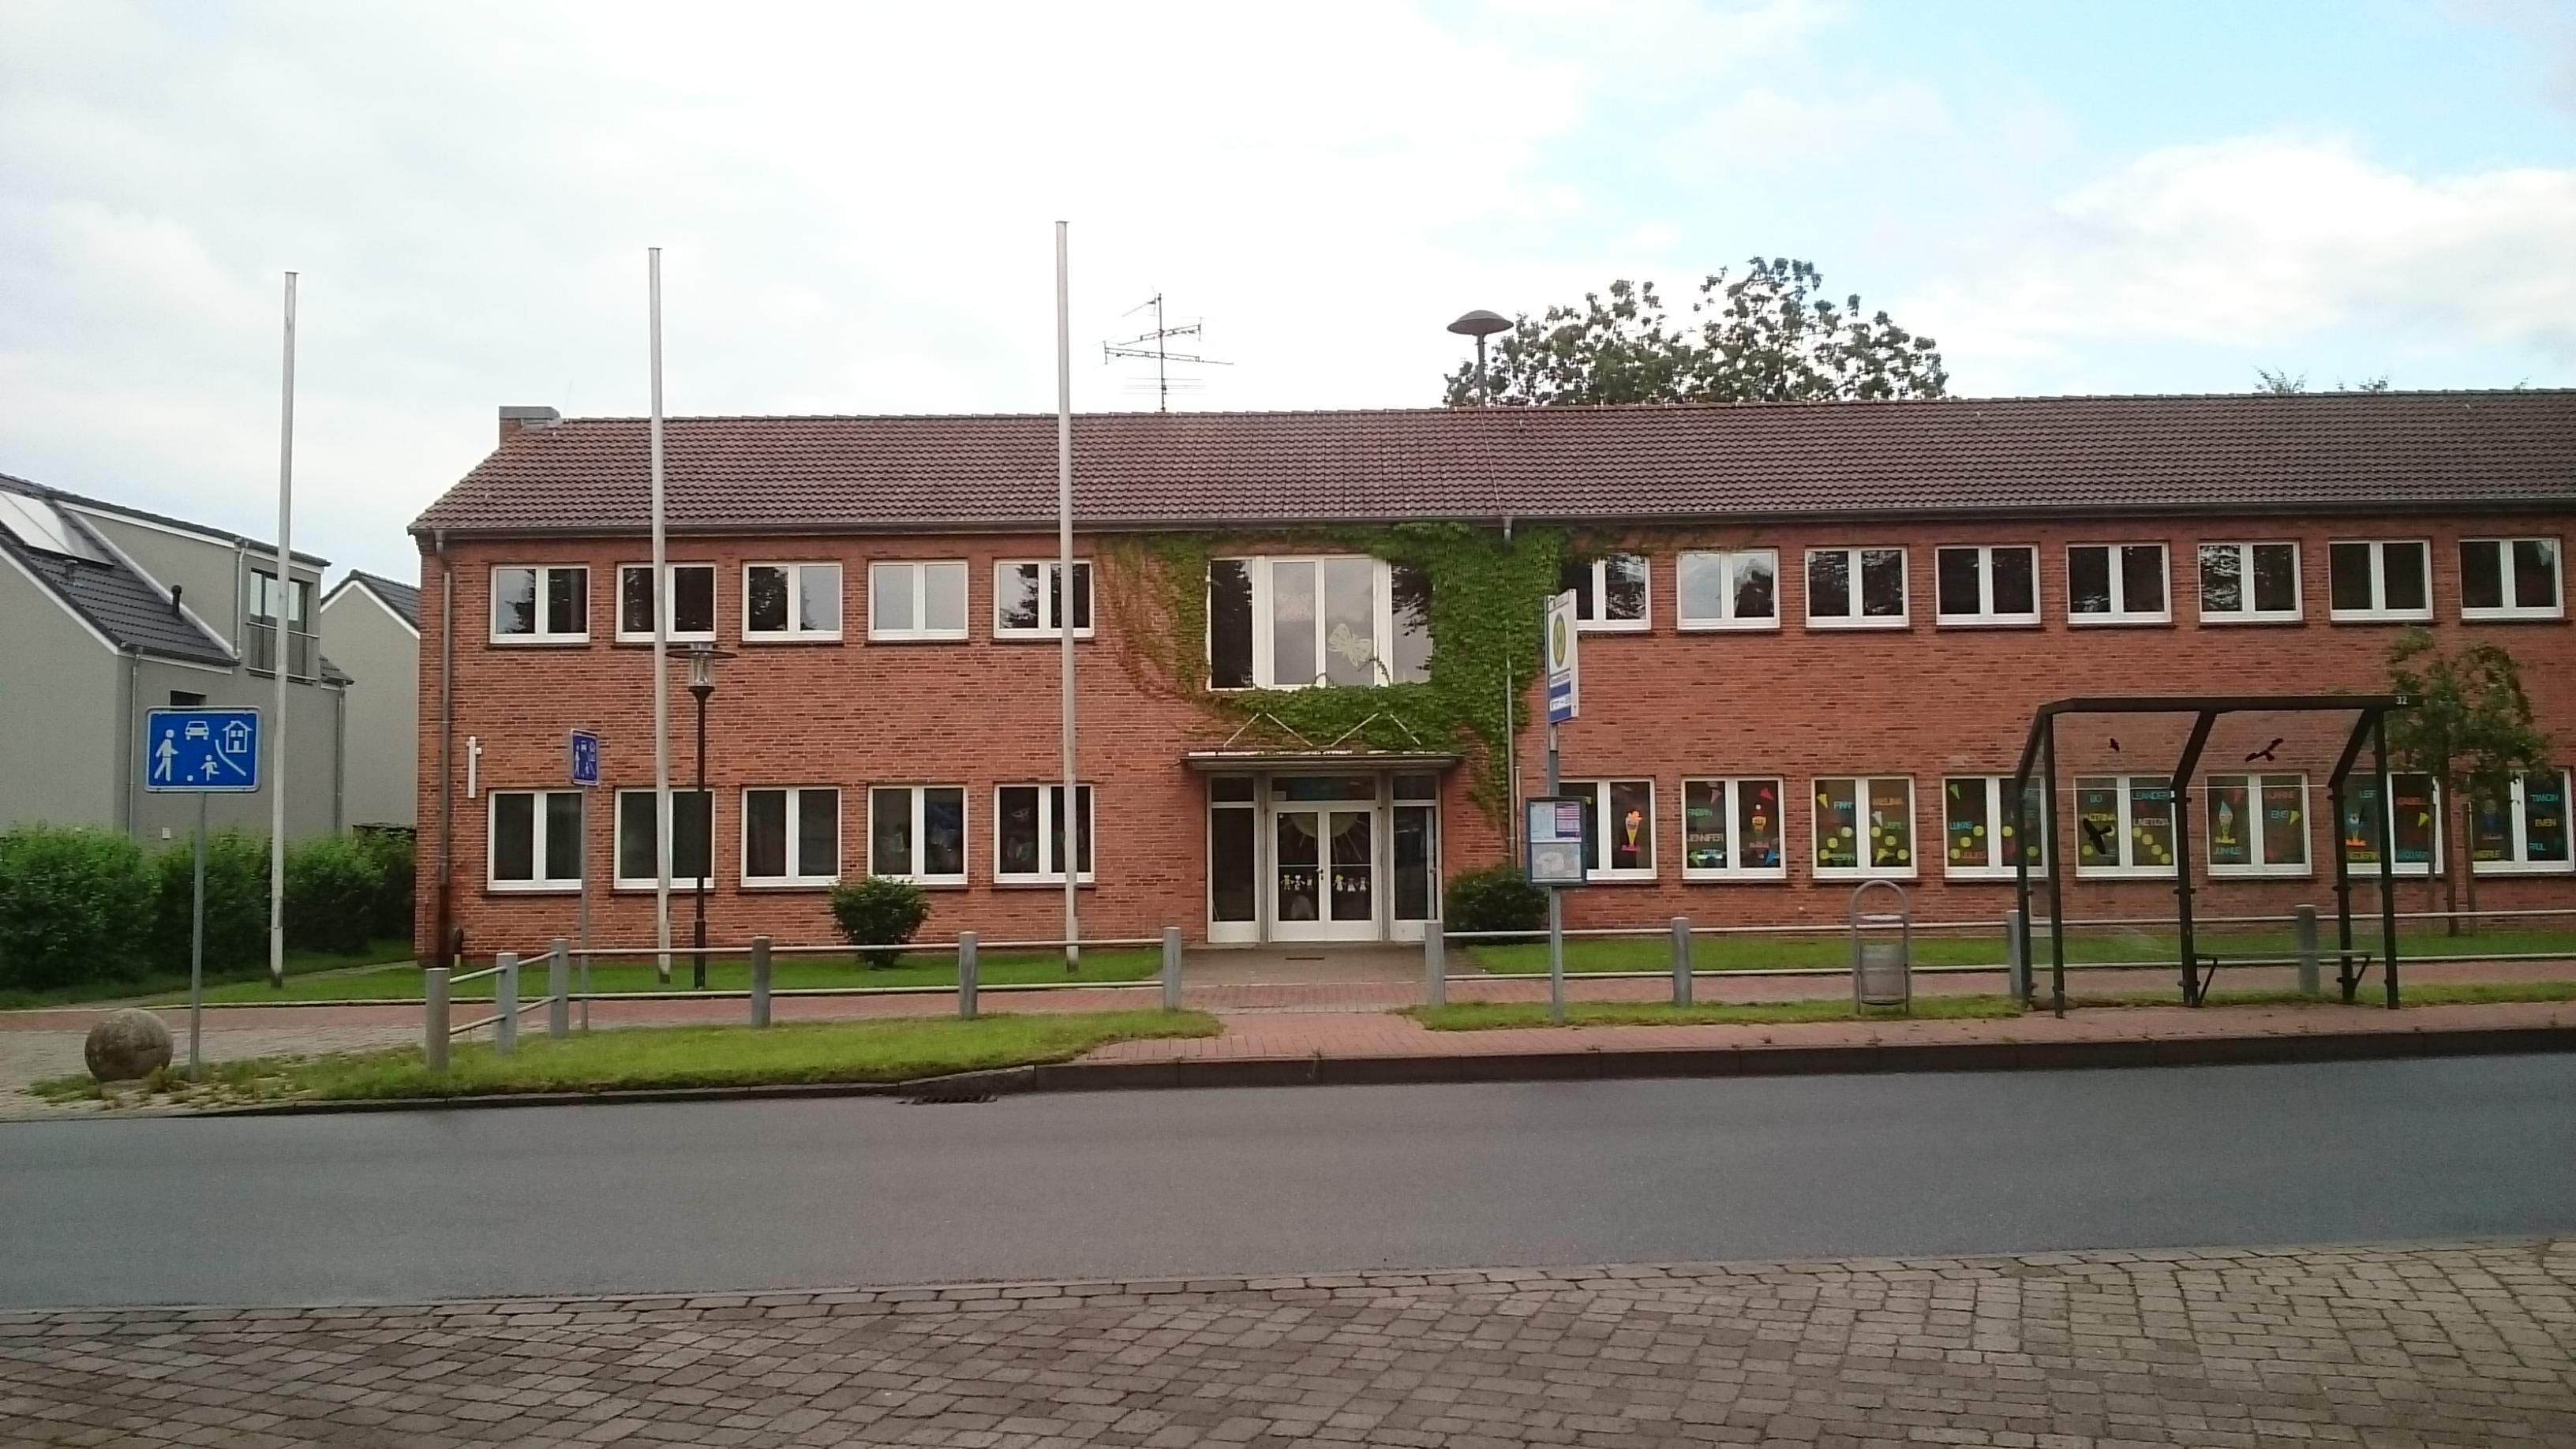 Grundschule Bad Schwartau in Mittelstr. 16 23611 Bad Schwartau